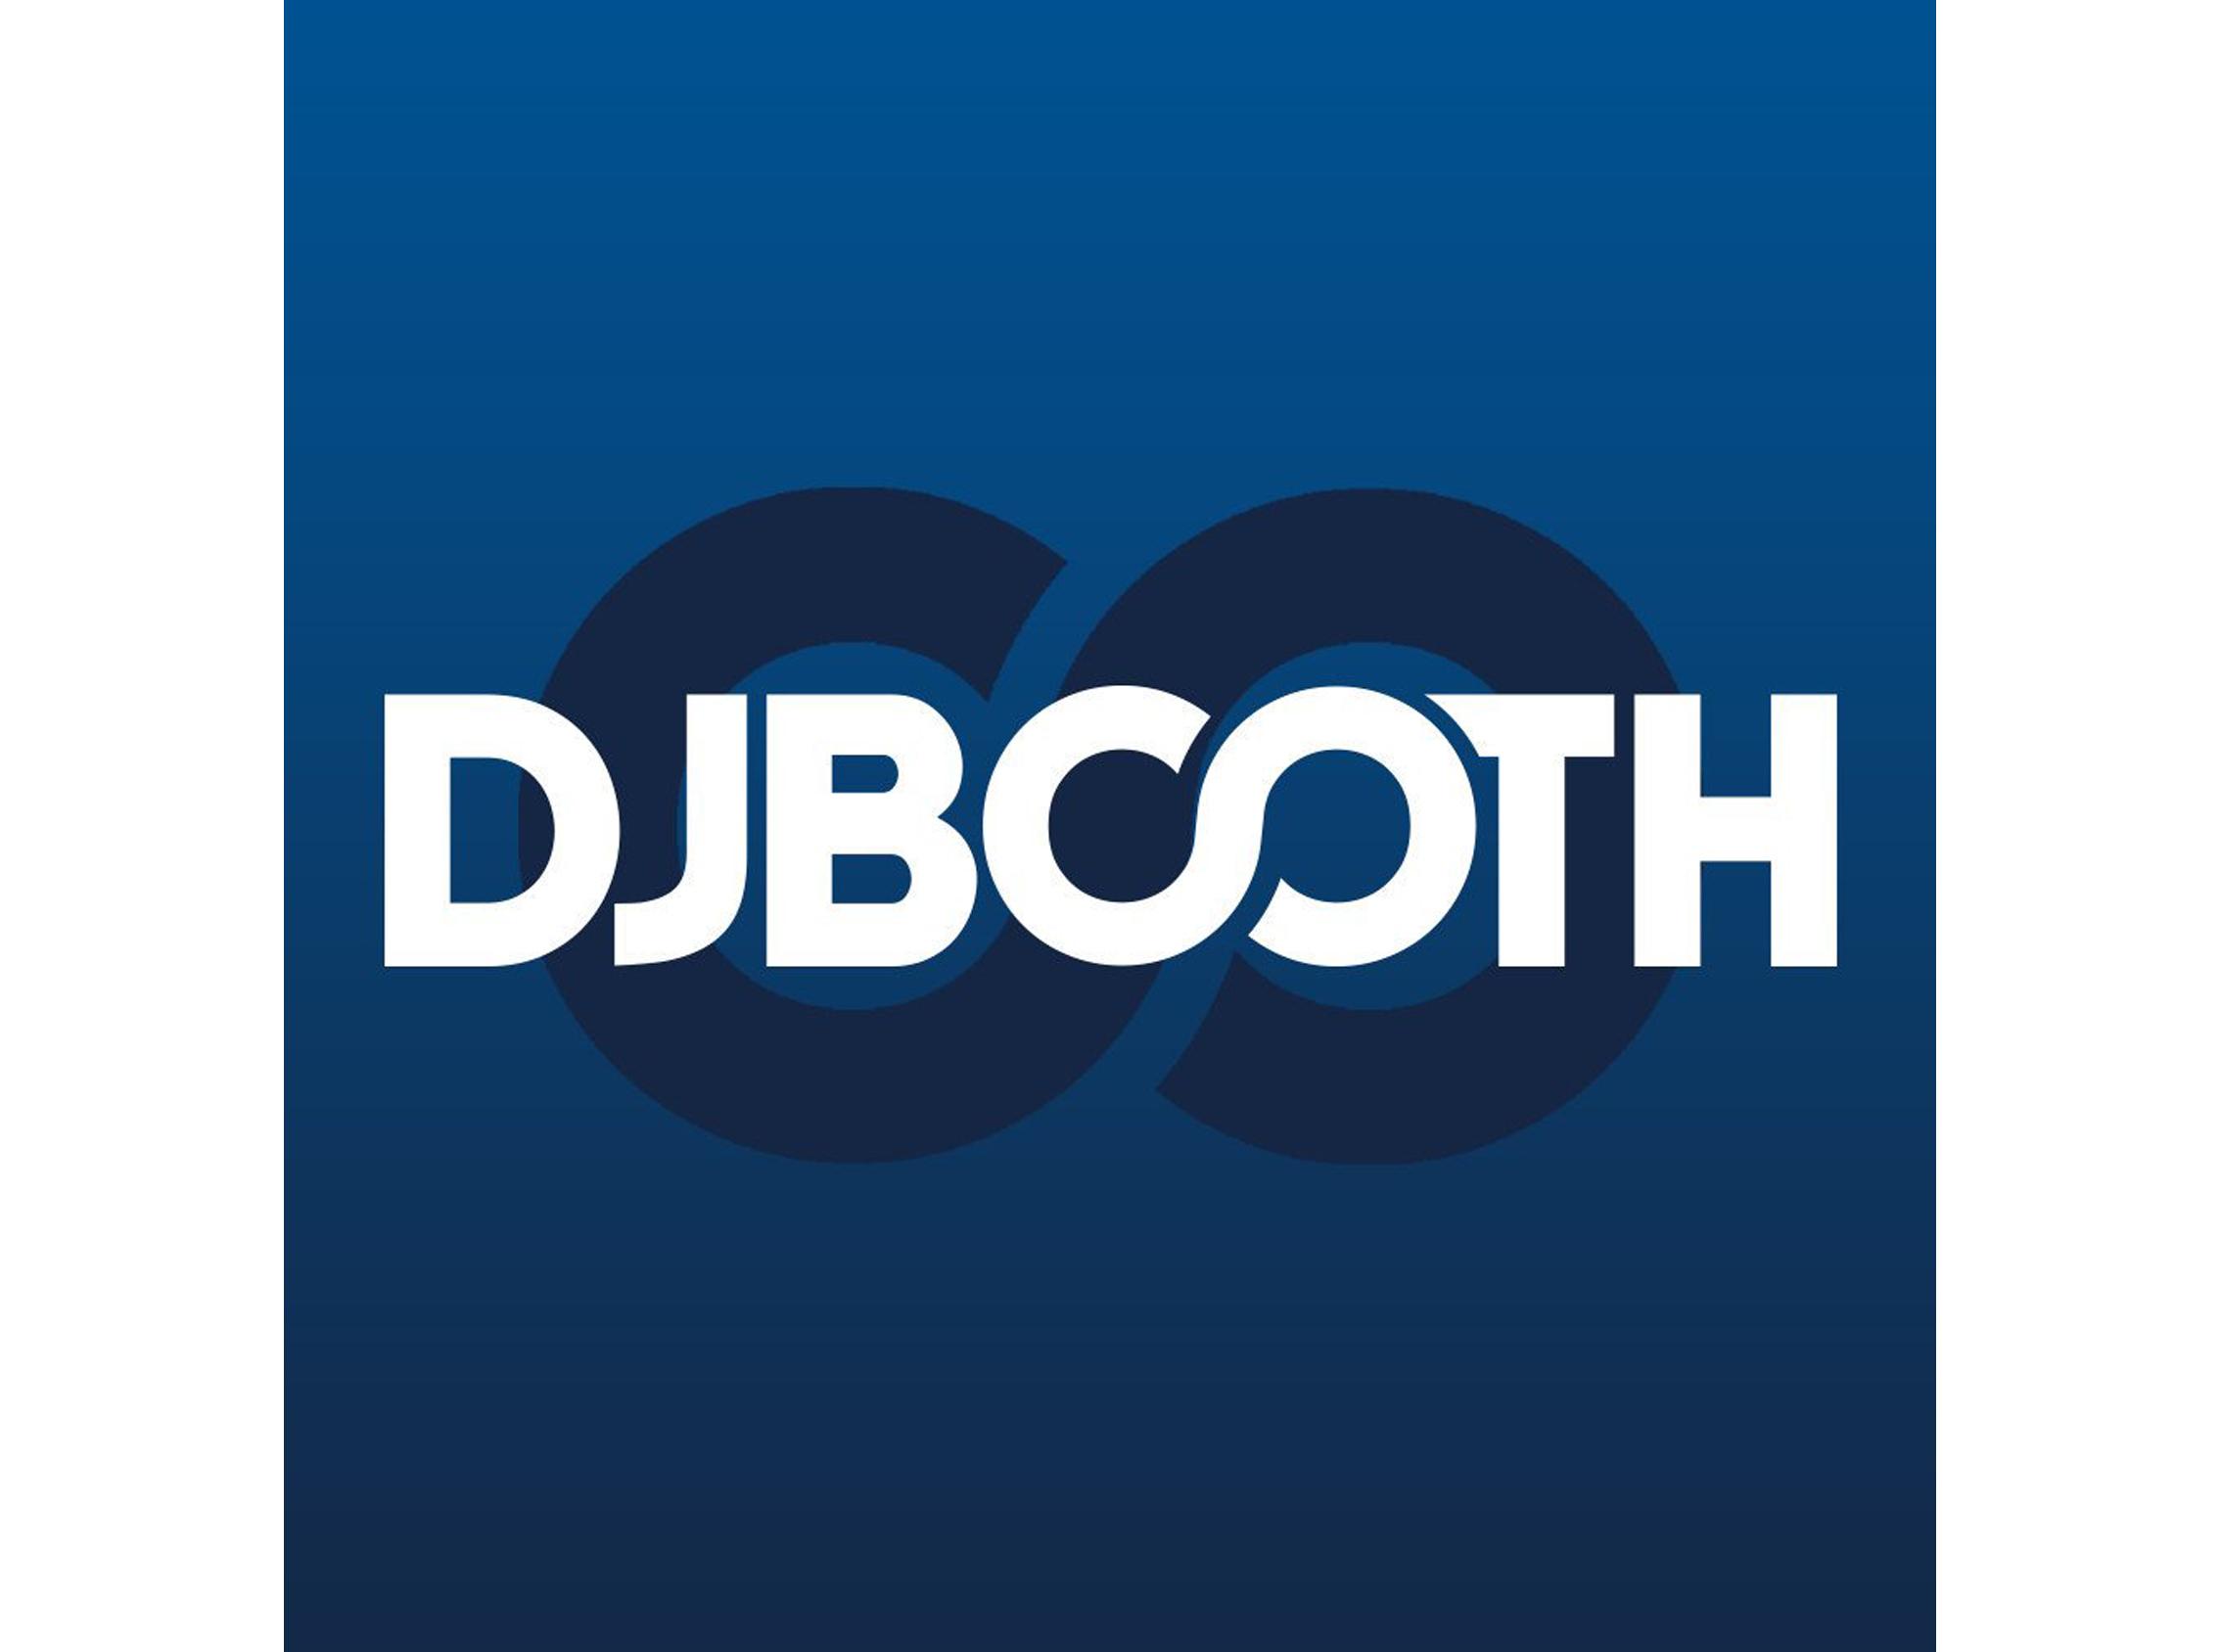 DJ Booth -